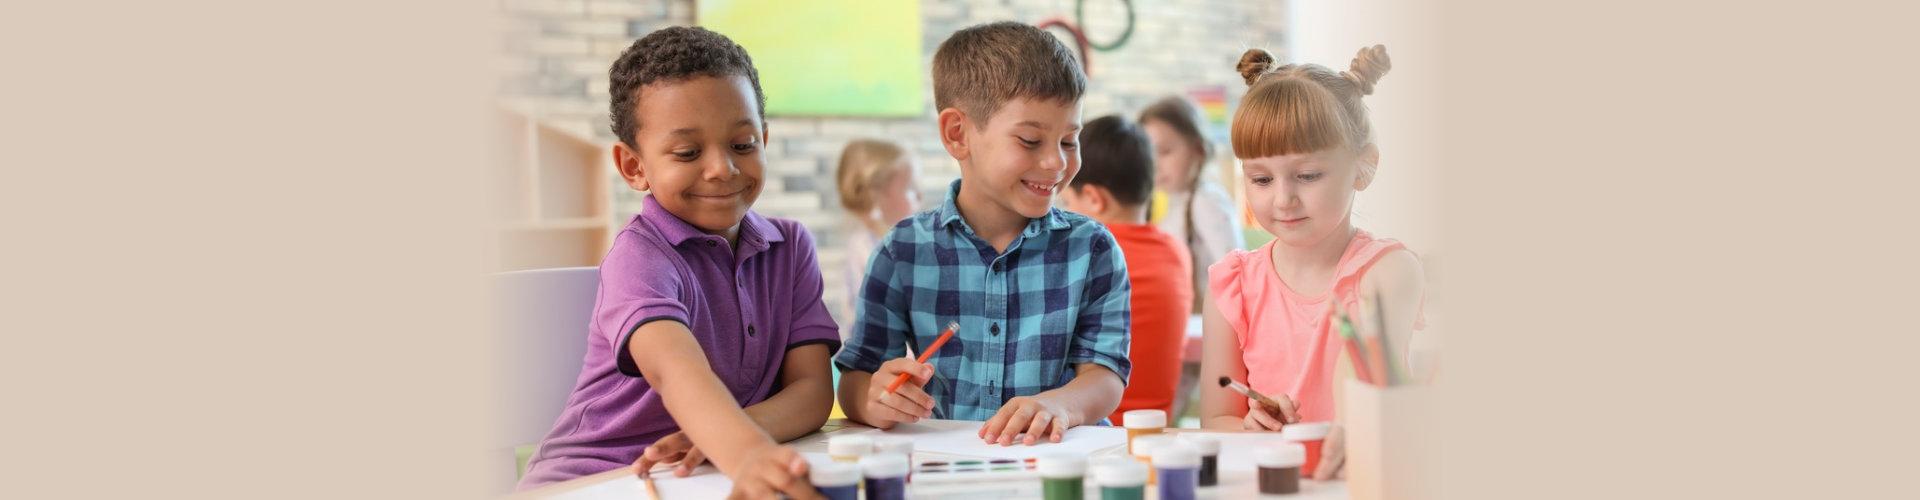 children doing an art